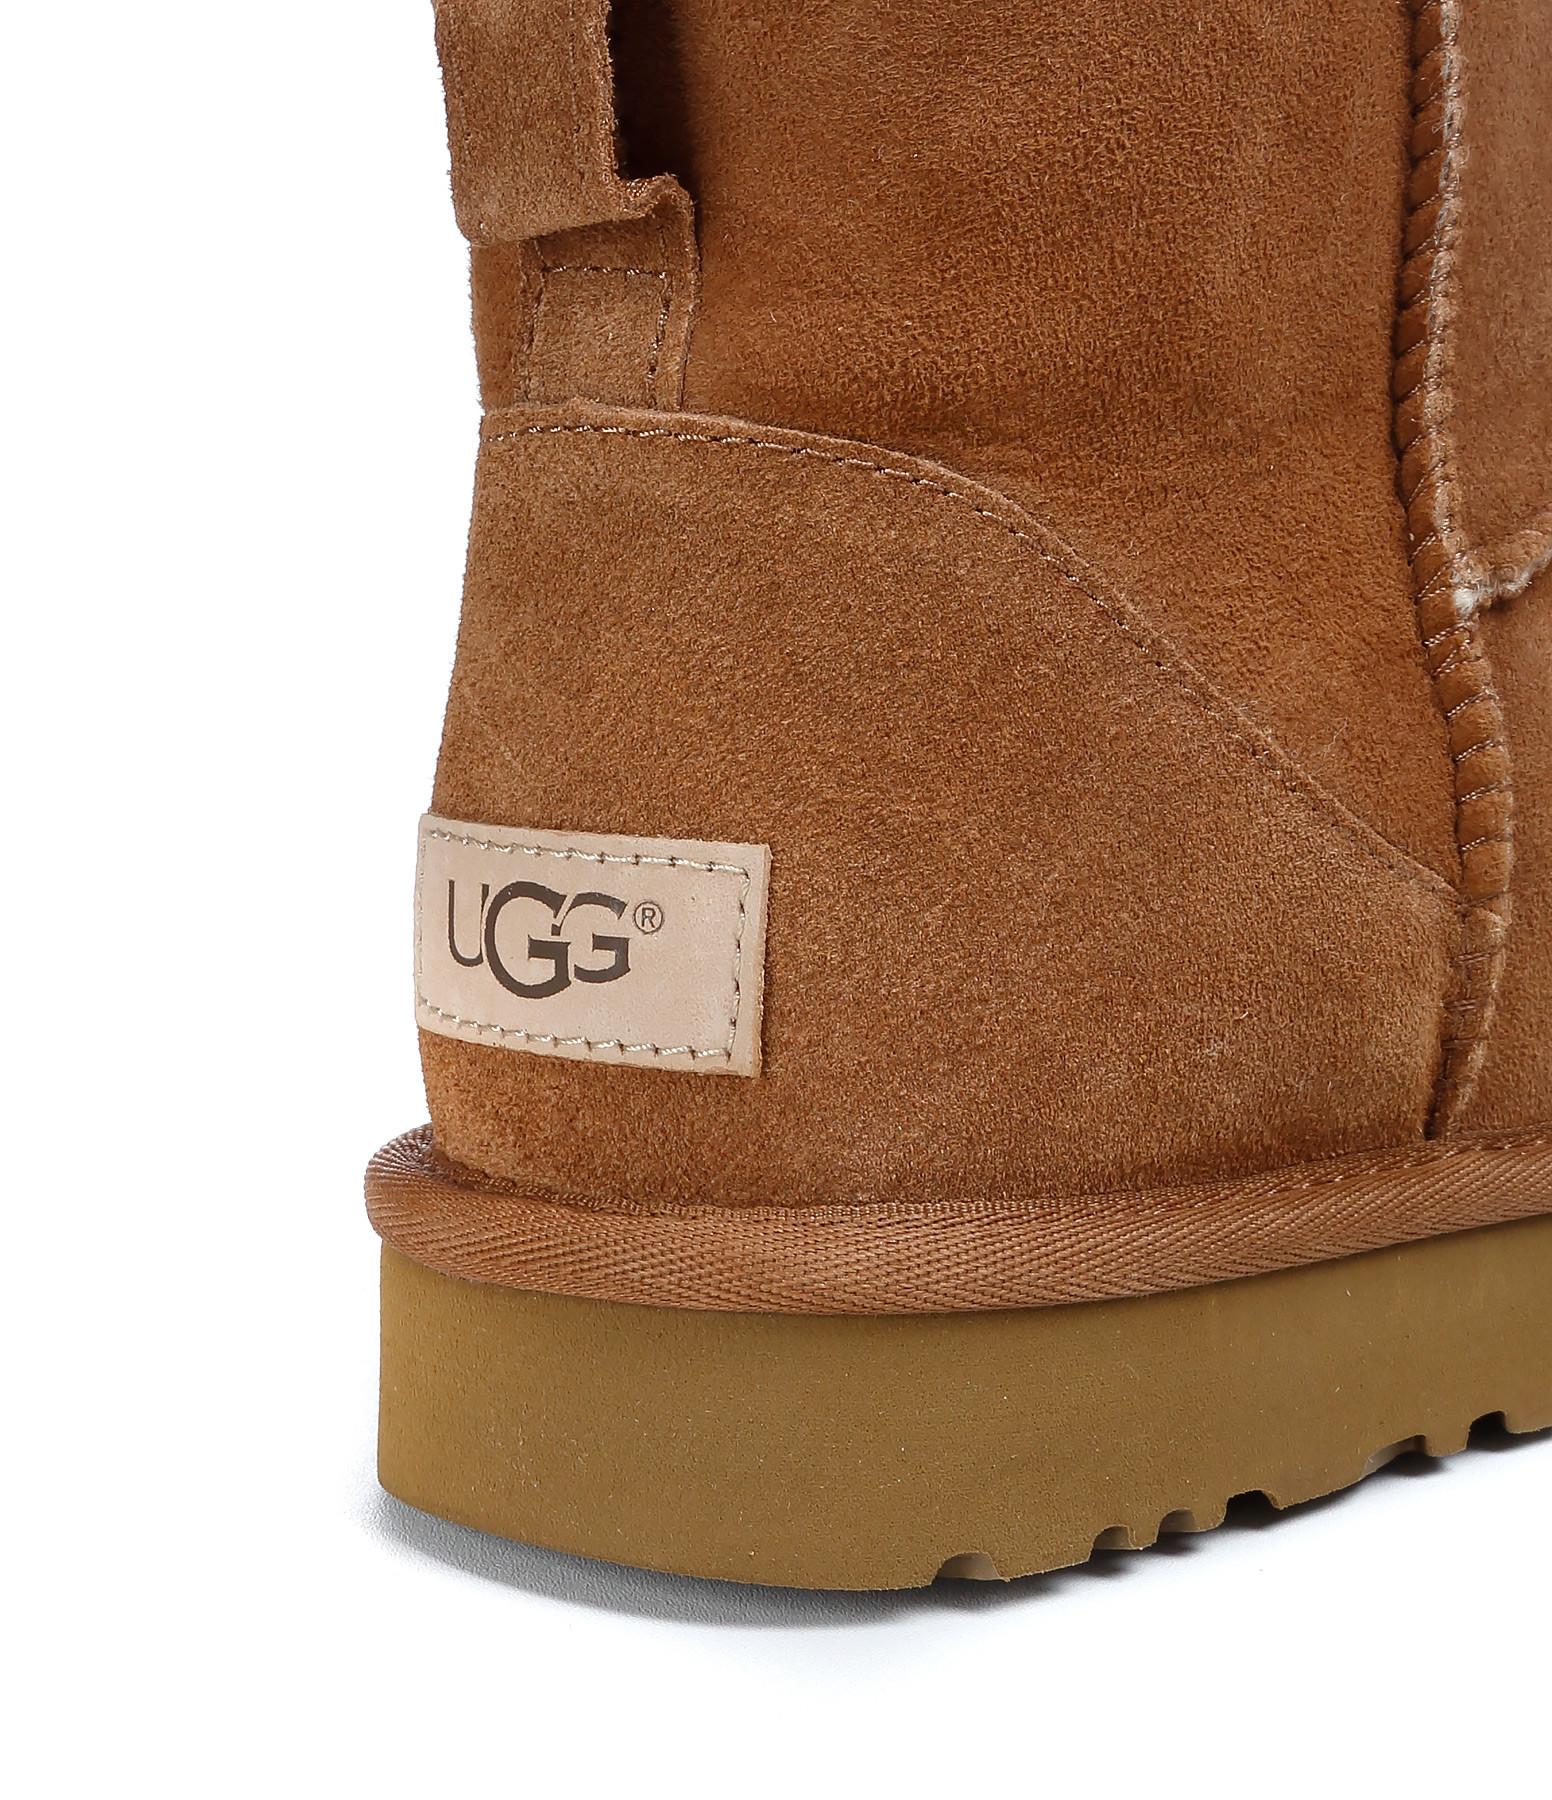 UGG - Boots Classic Mini II Chesnut